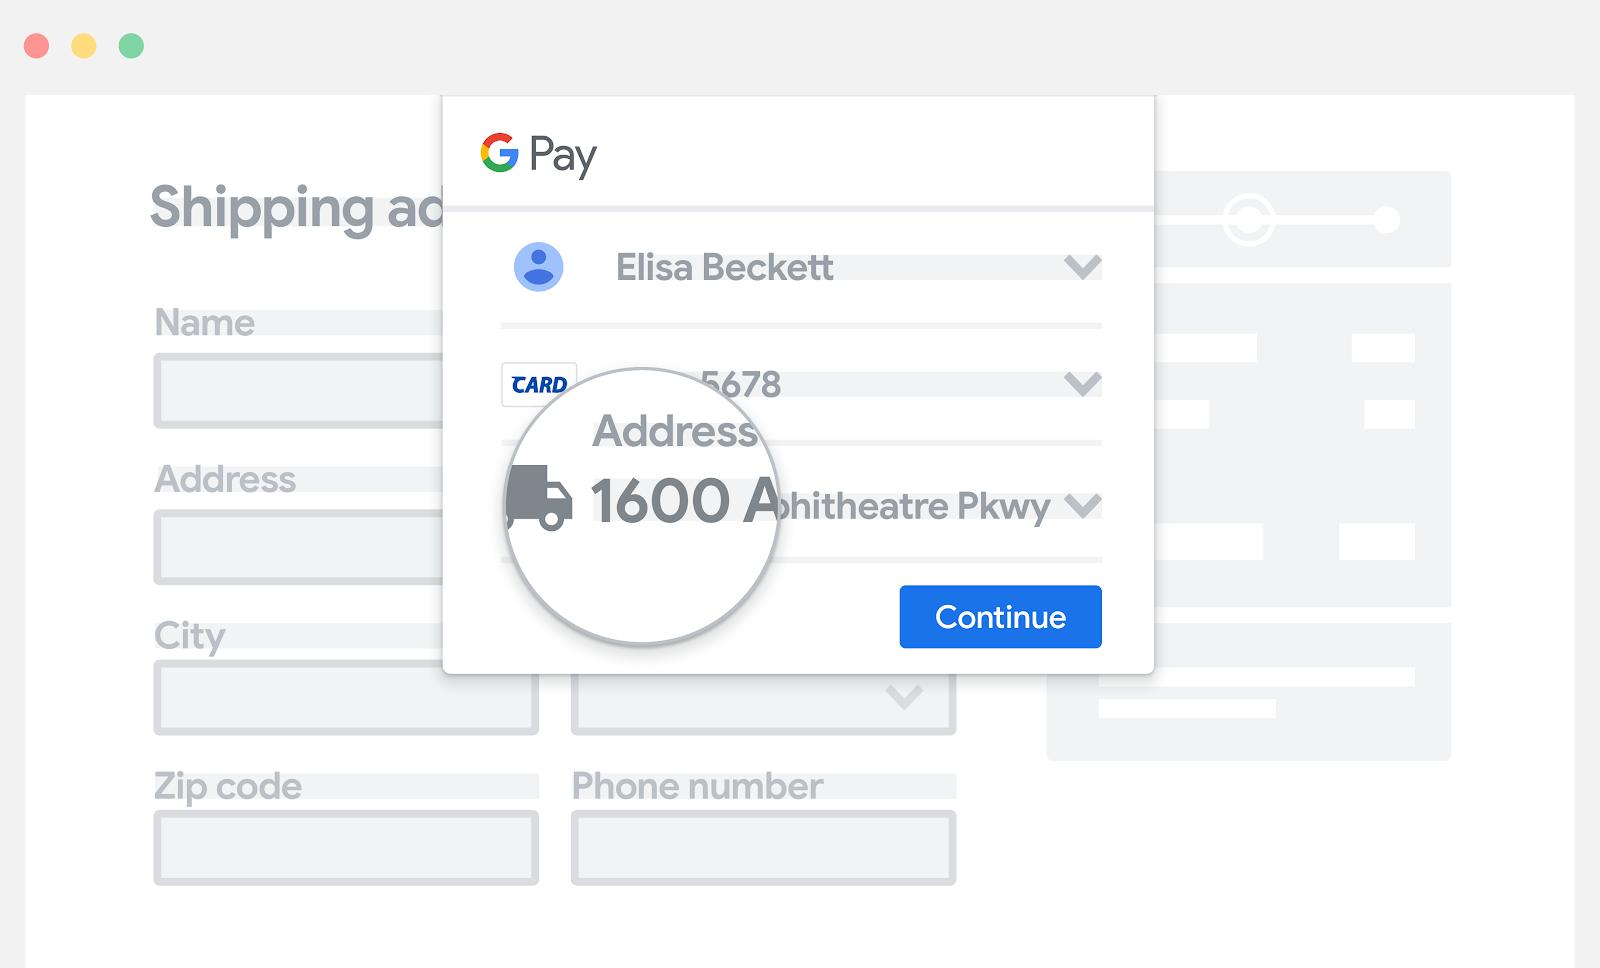 결제 정보를 입력하는 수동 입력란 위에 Google Pay 배치